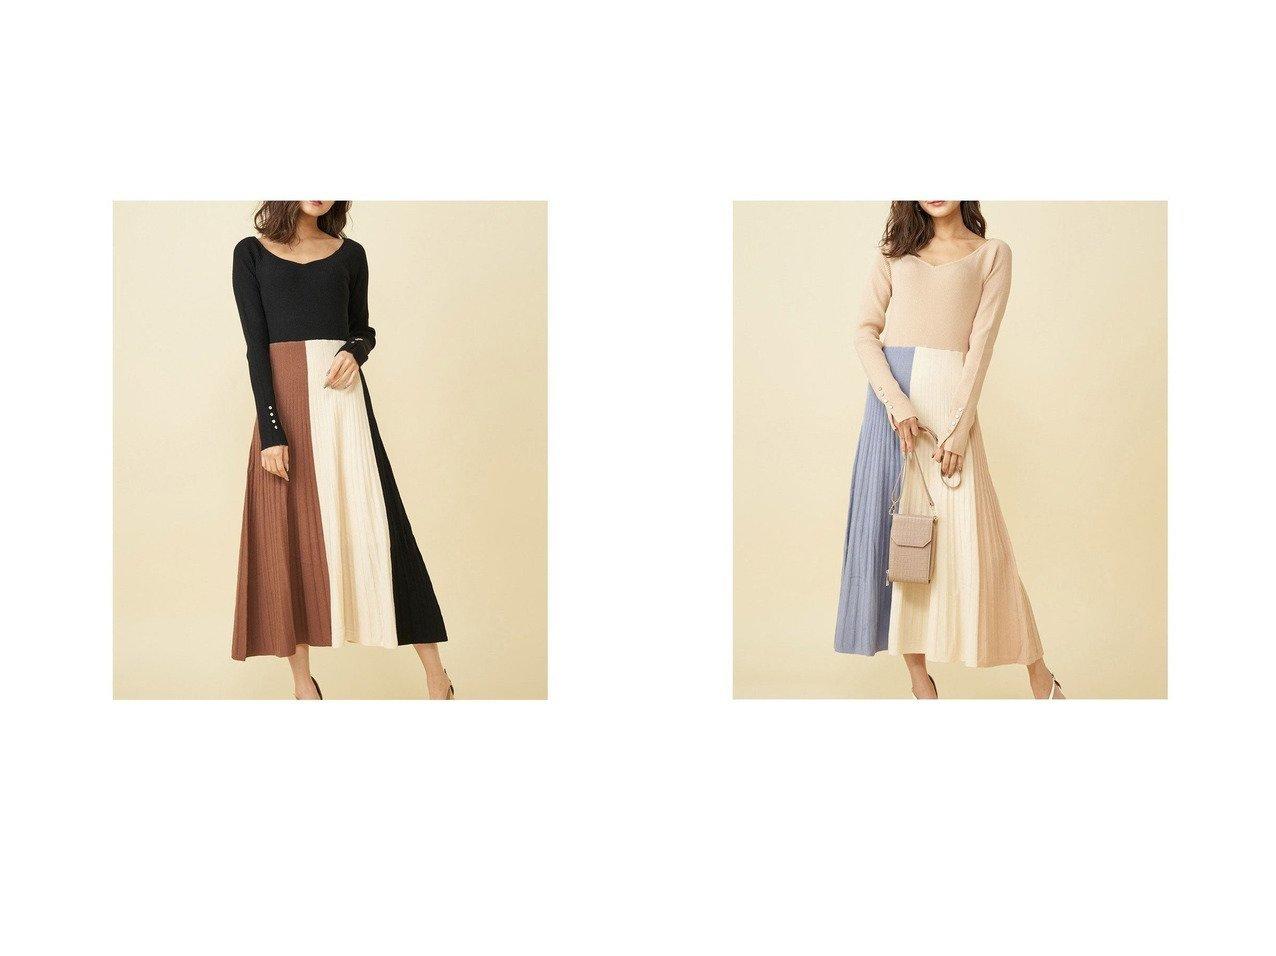 【ROYAL PARTY/ロイヤルパーティー】のVネック配色ニットフレアワンピース ワンピース・ドレスのおすすめ!人気、トレンド・レディースファッションの通販 おすすめで人気の流行・トレンド、ファッションの通販商品 メンズファッション・キッズファッション・インテリア・家具・レディースファッション・服の通販 founy(ファニー) https://founy.com/ ファッション Fashion レディースファッション WOMEN ワンピース Dress 2021年 2021 2021 春夏 S/S SS Spring/Summer 2021 S/S 春夏 SS Spring/Summer エレガント デコルテ フェミニン フレア プリーツ モダン 春 Spring  ID:crp329100000014781